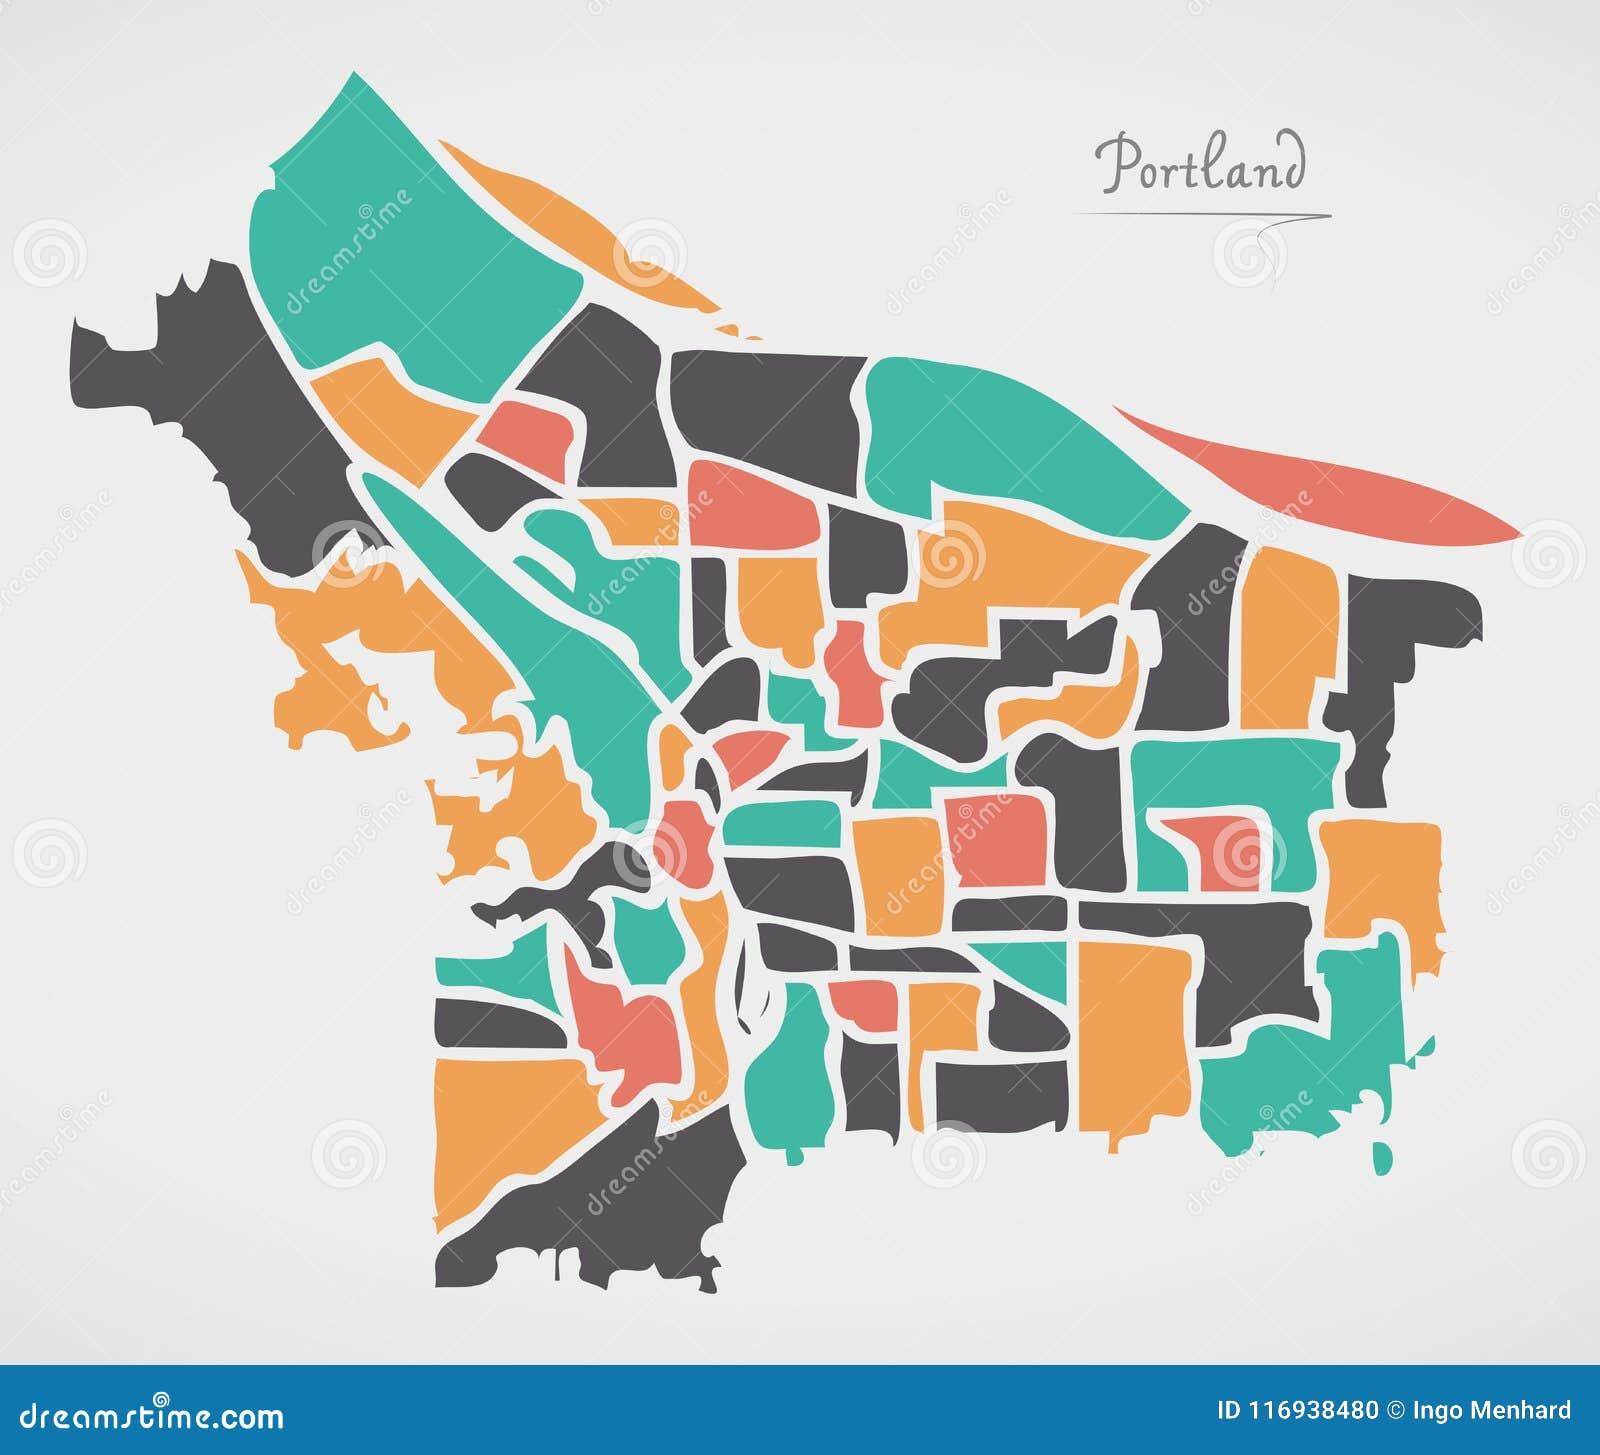 Portland Oregon Map Of Neighborhoods.Portland Oregon Map With Neighborhoods And Modern Round Shapes Stock